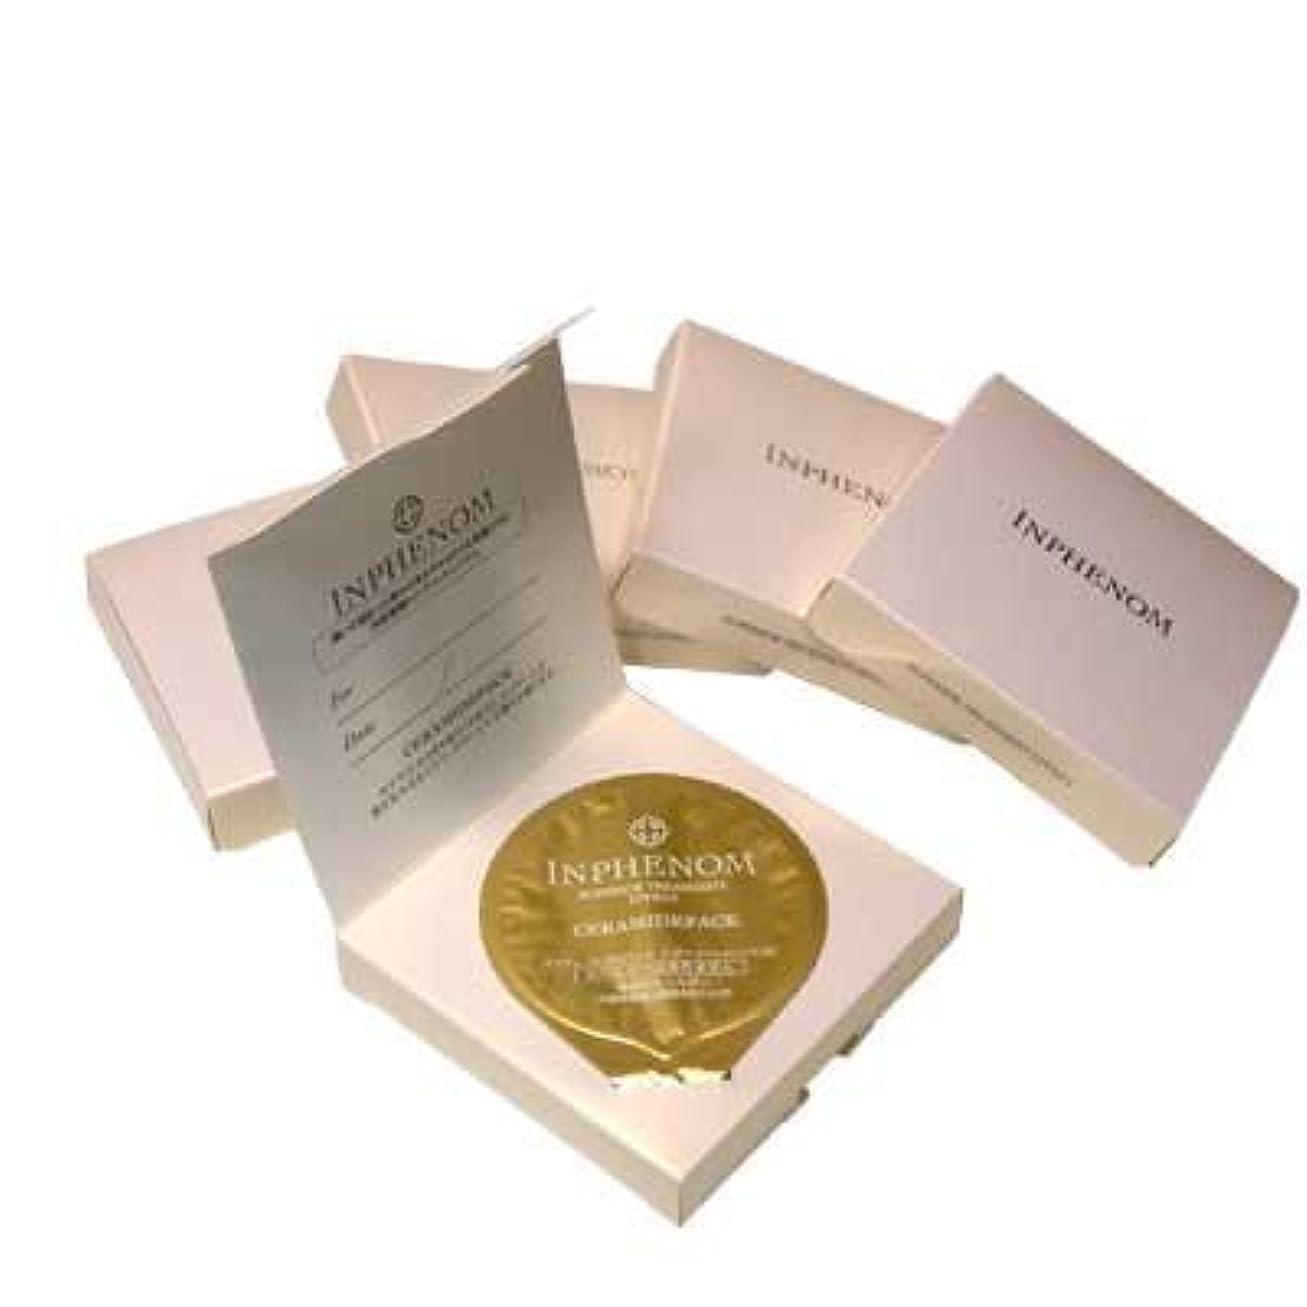 ボイドハリウッド甘くするミルボン インフェノム CMパック (セラミドパック) 12g ×5個セット